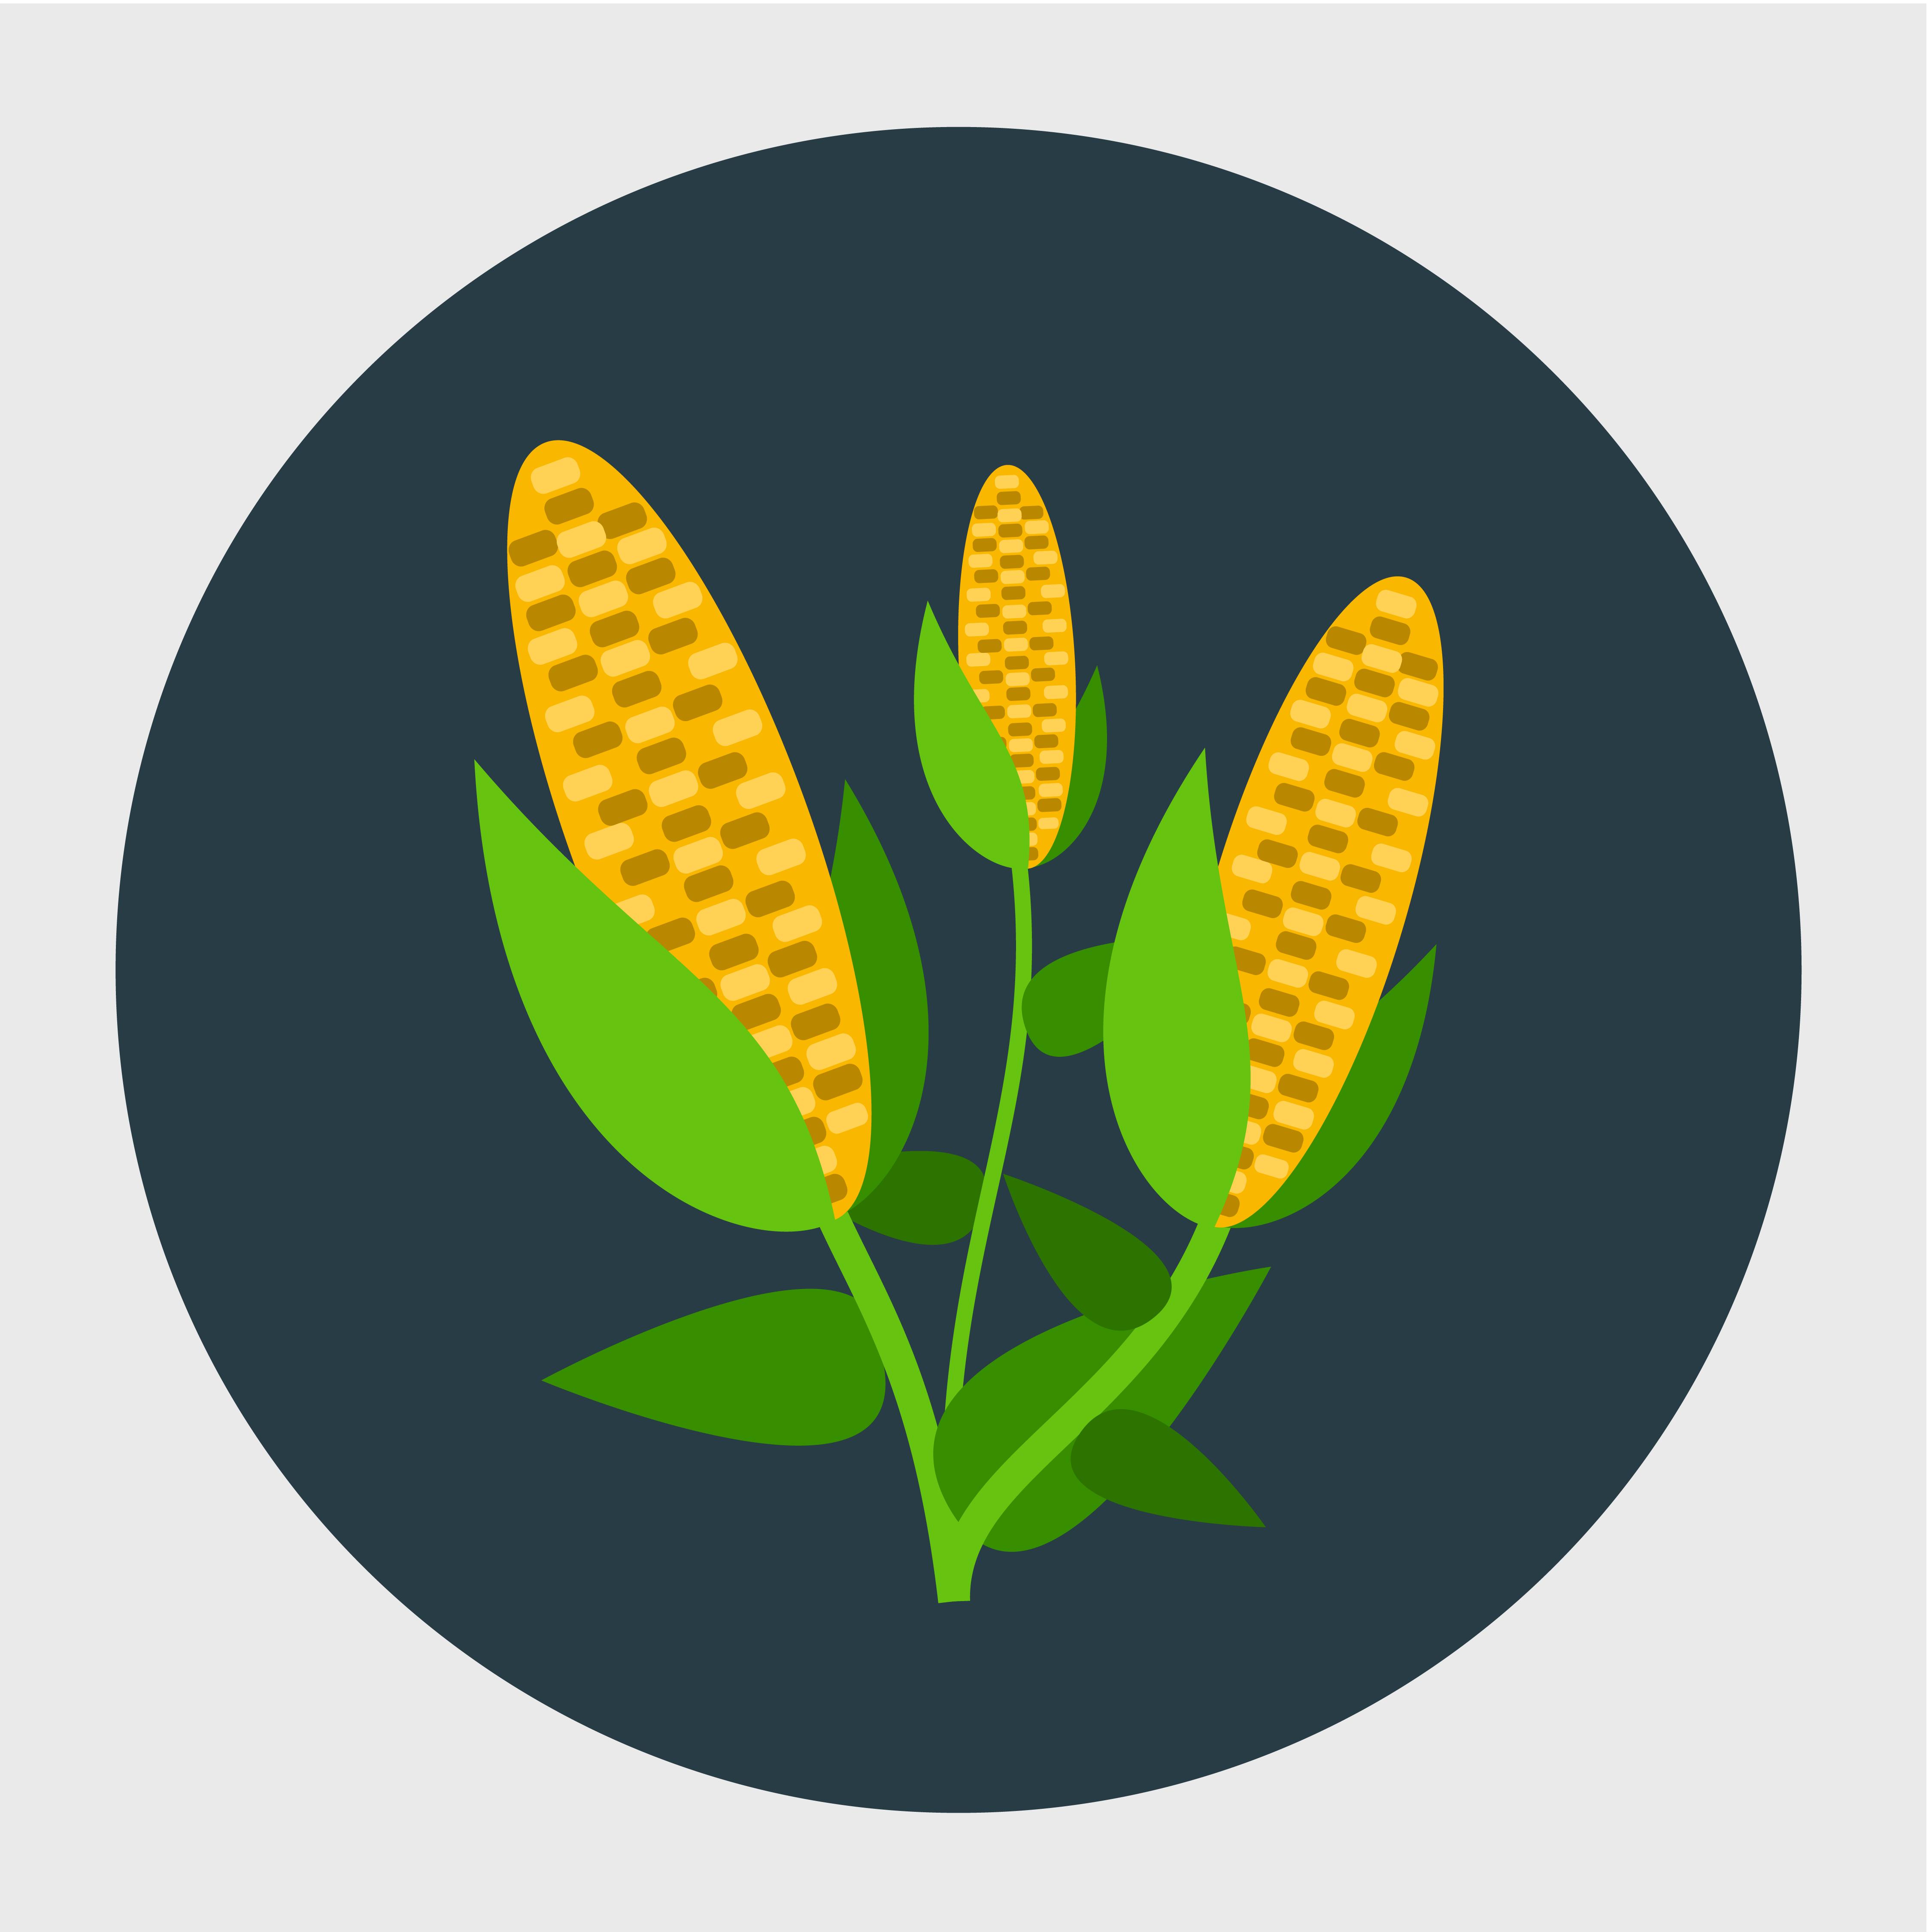 Icono de Agraria.